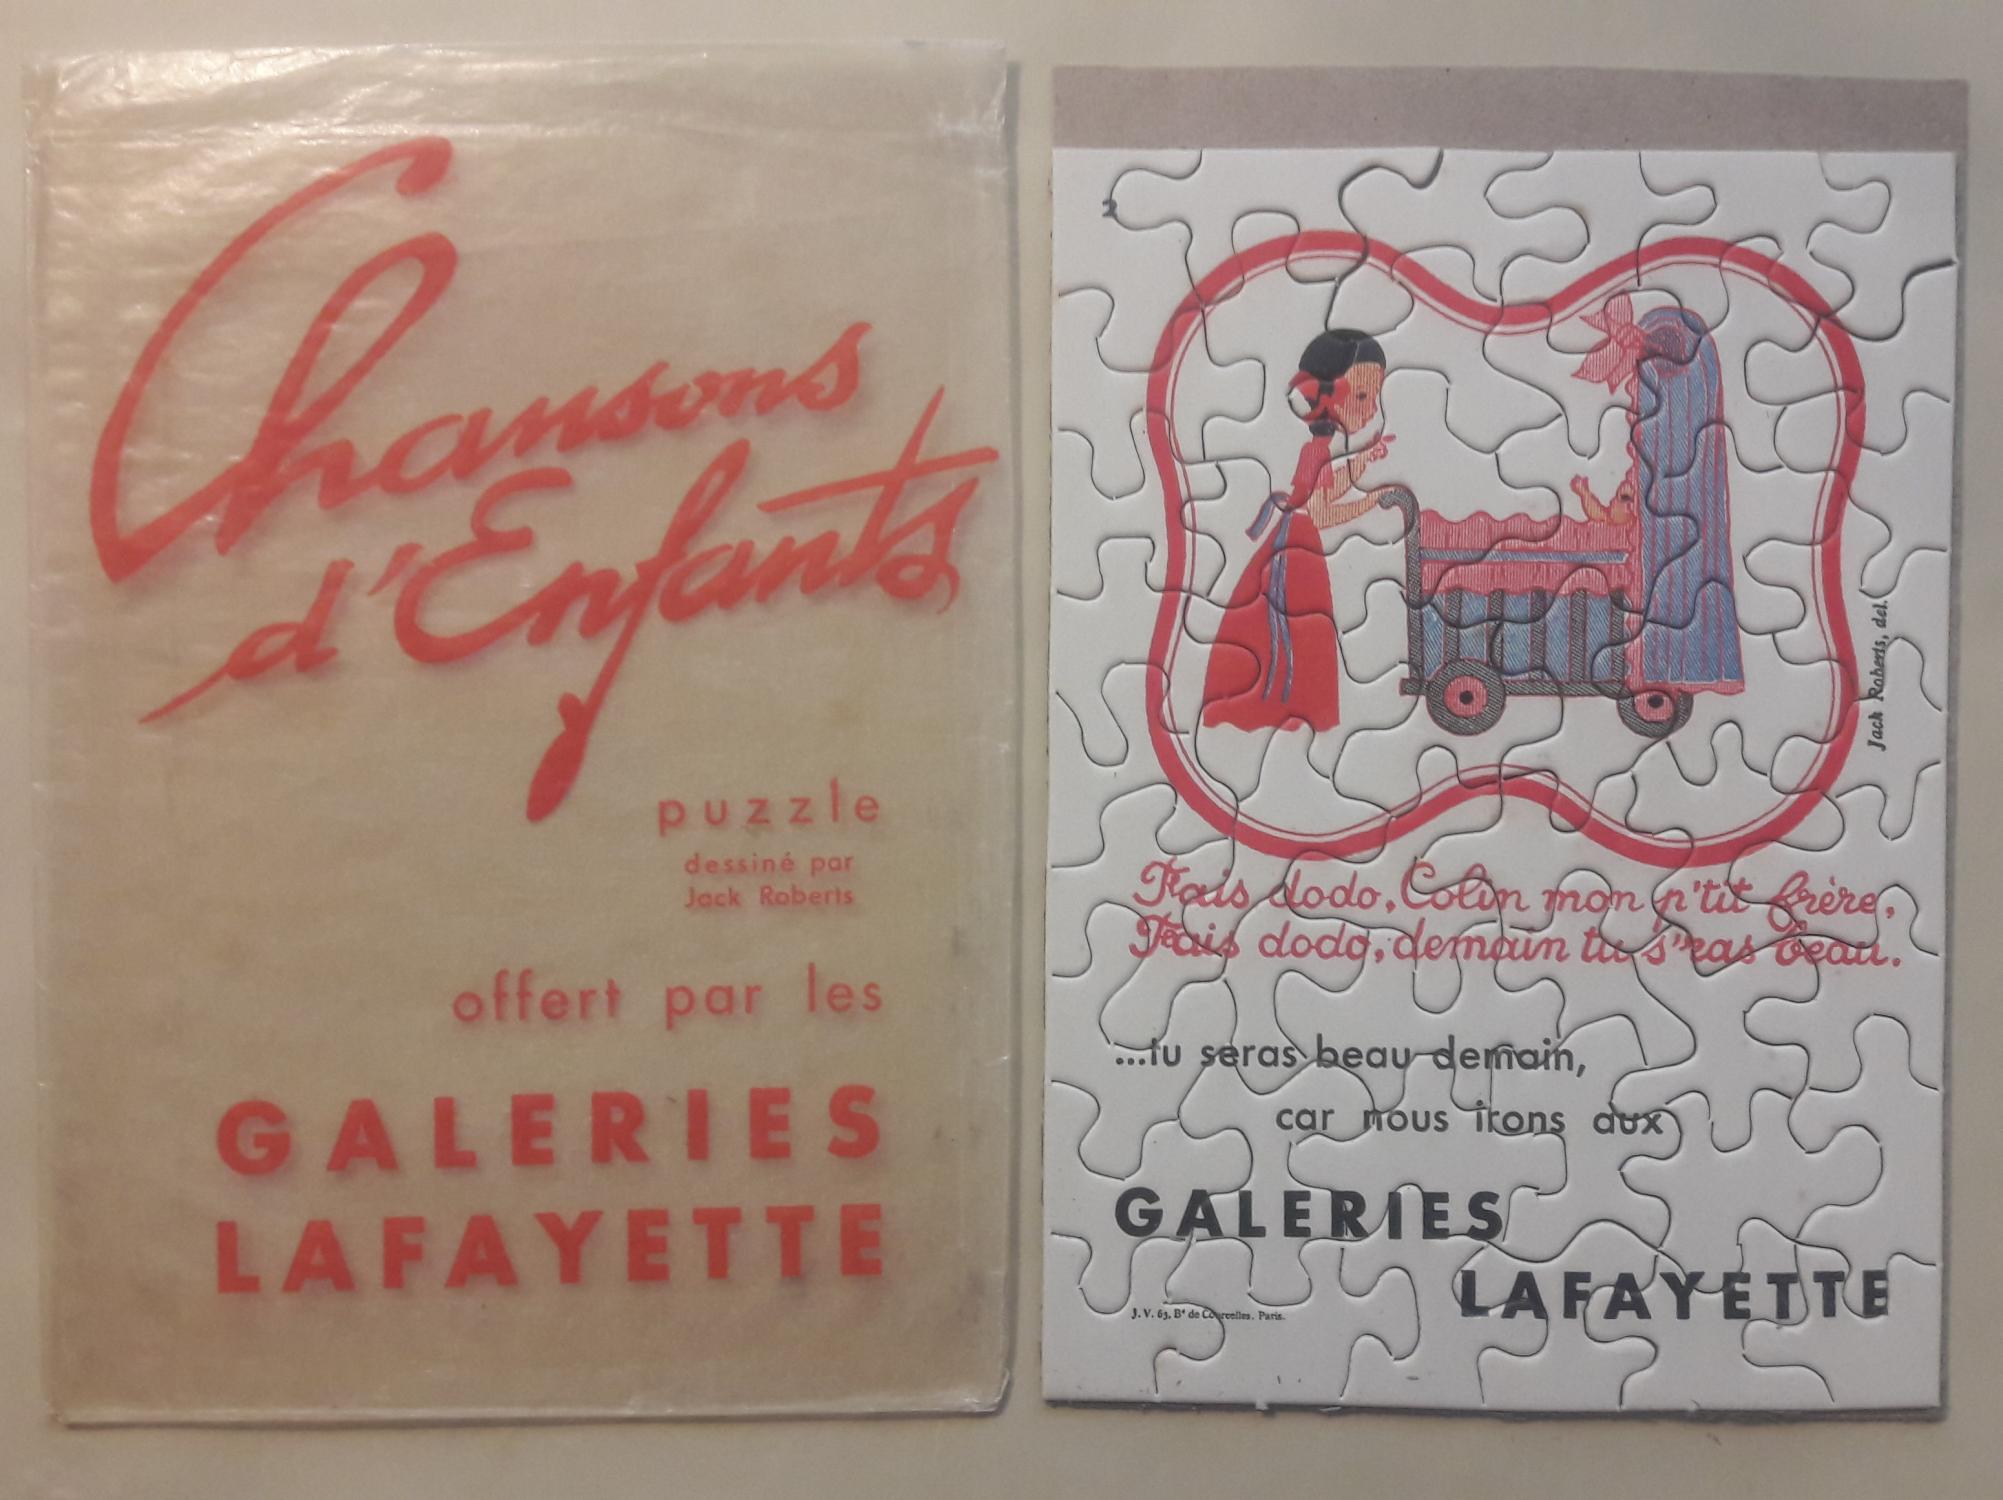 publicitaire dessiné par Jack Roberts offert par les Galeries Lafayette. PUZZLE.